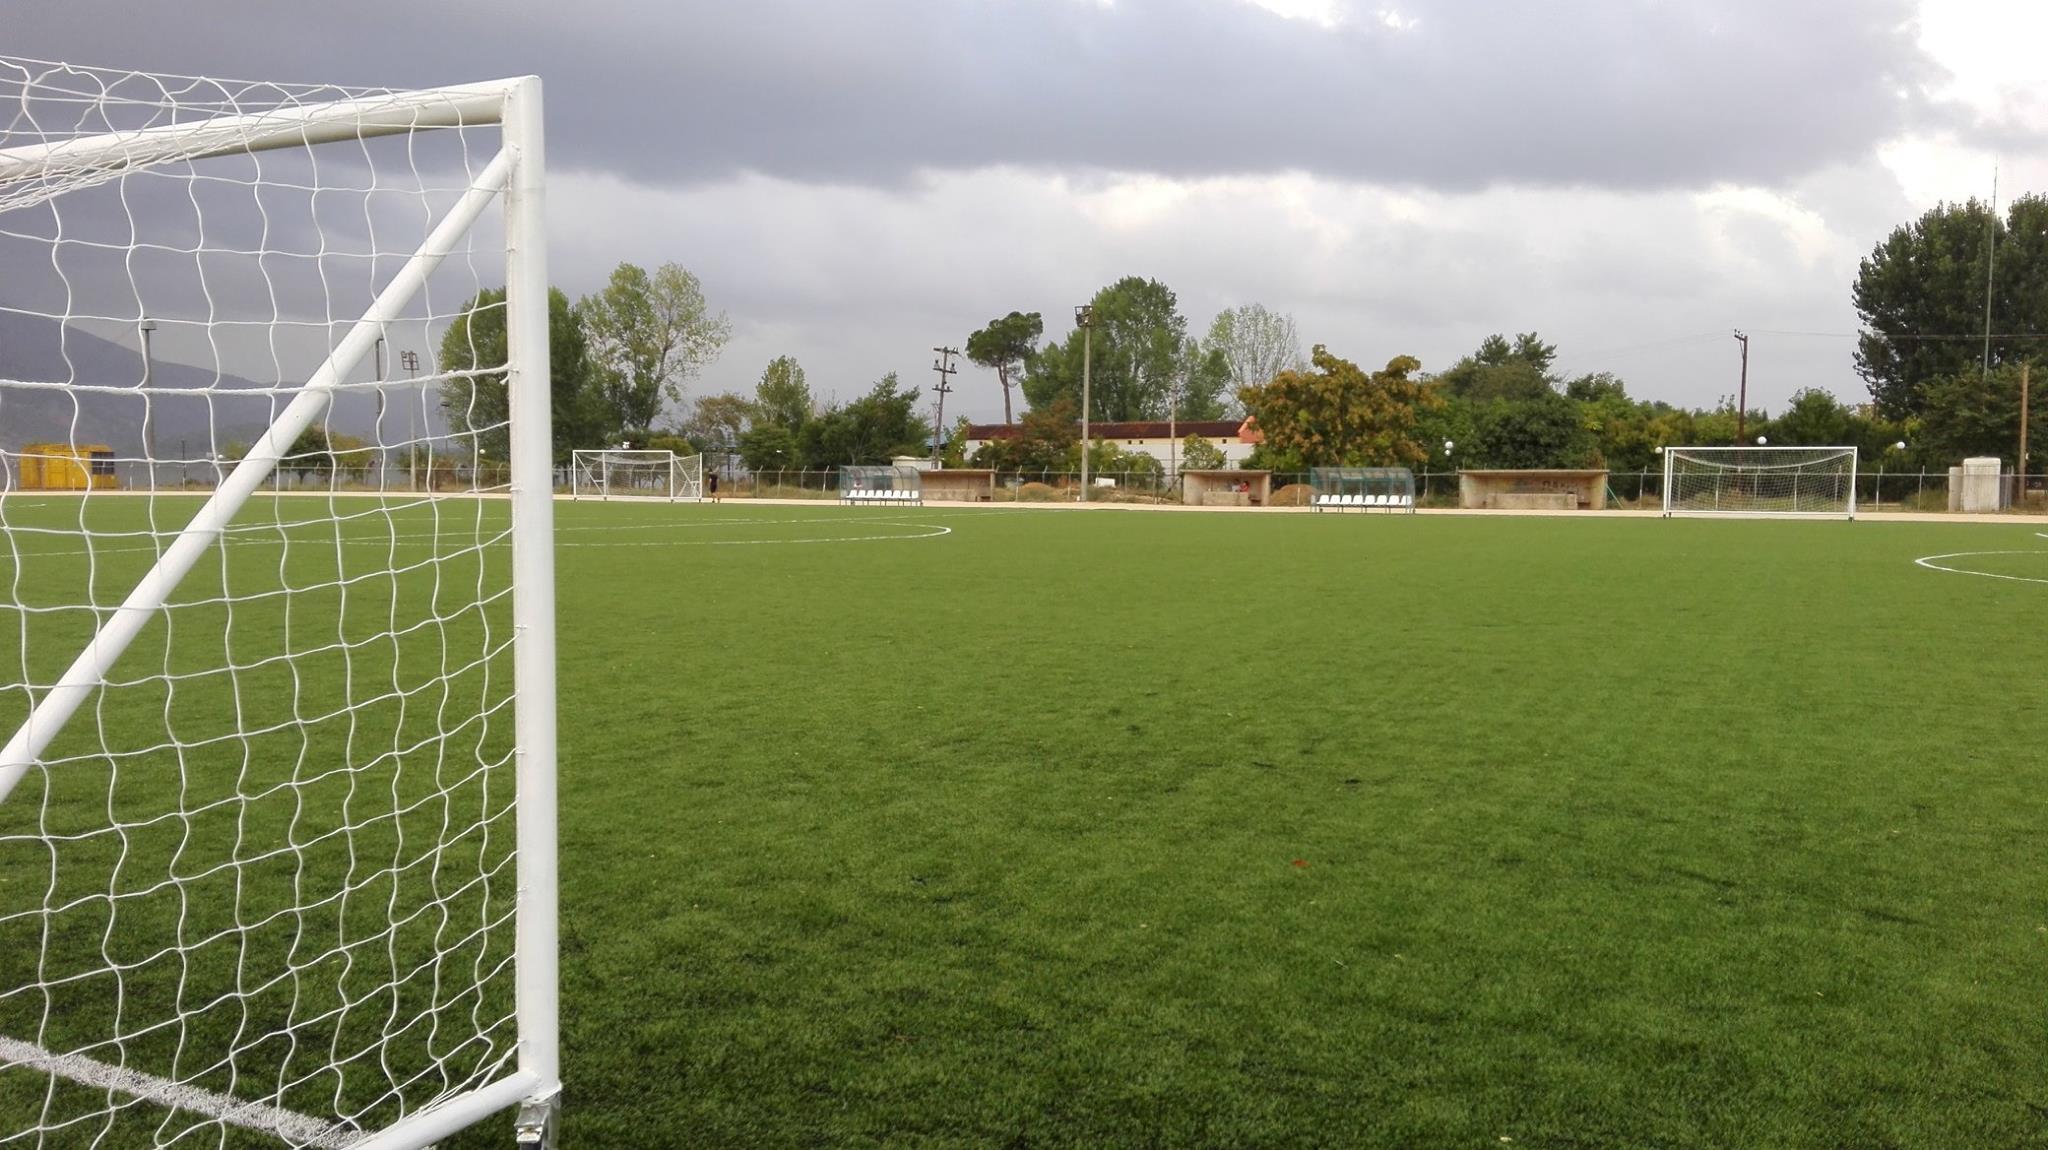 Αποτέλεσμα εικόνας για Γήπεδο ποδοσφαίρου με χλοοτάπητα